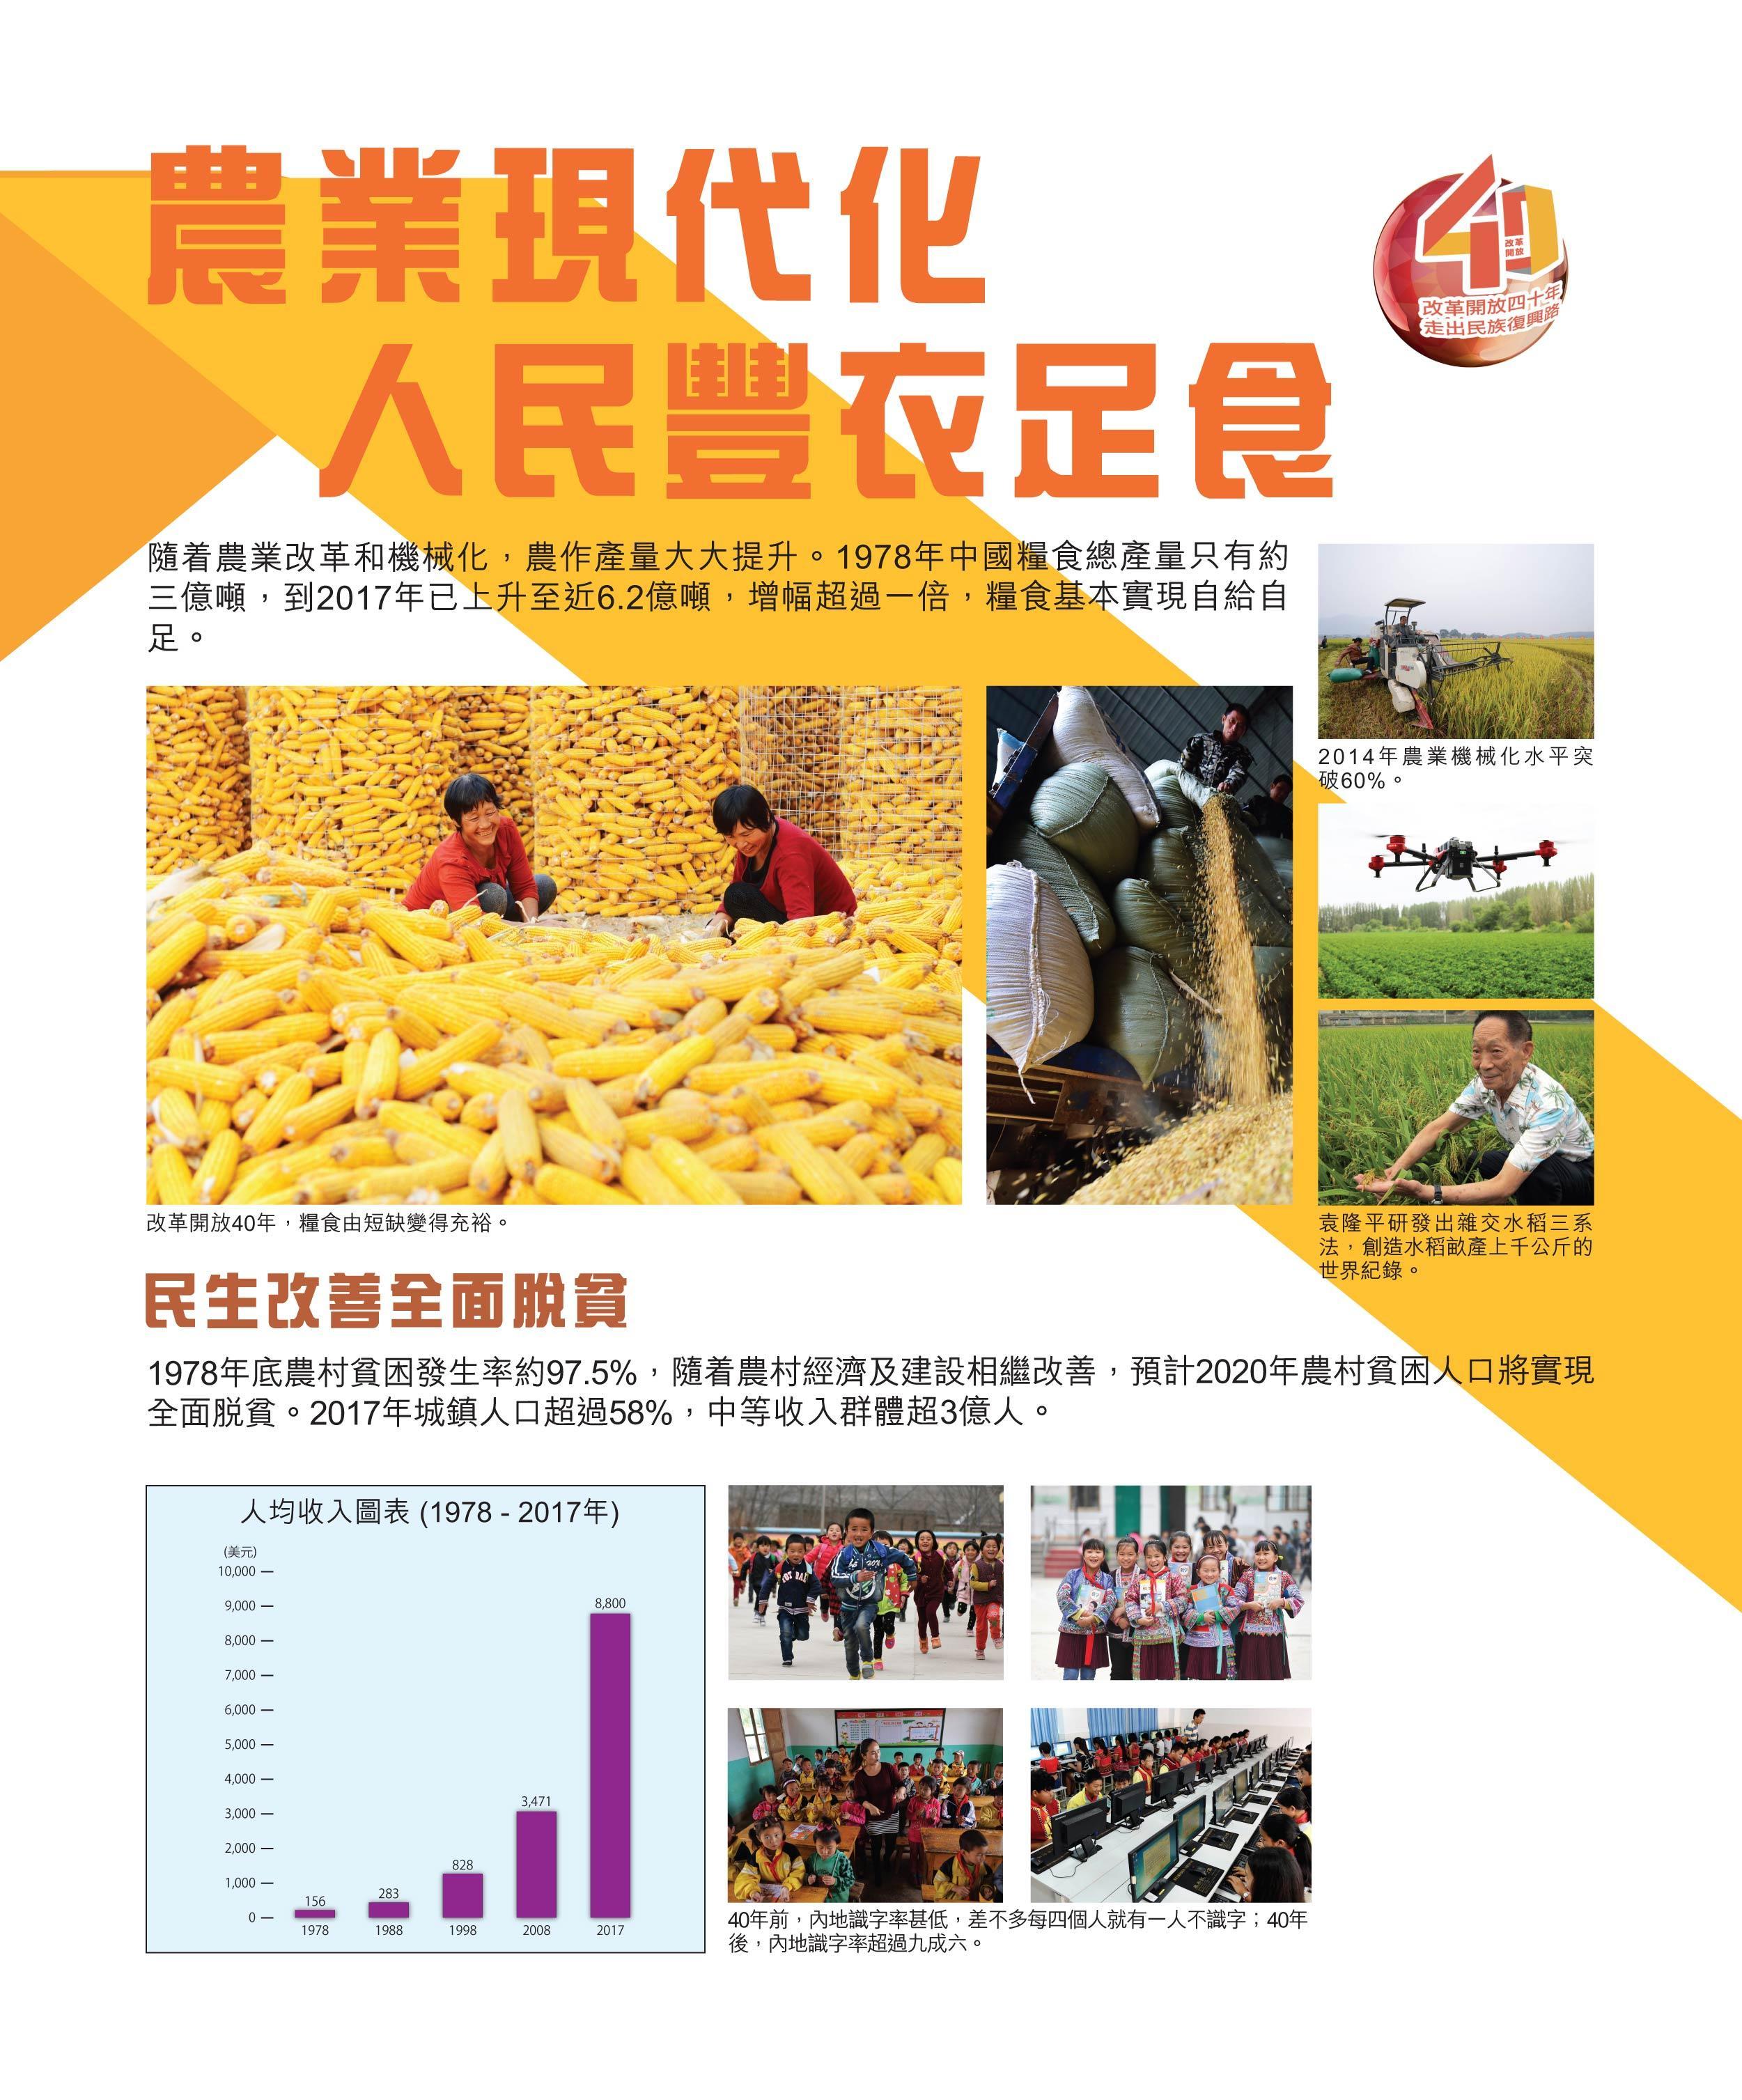 innotech_40anni_hk-cn-layout_zhanbanwu_aw_oct29_websize_nongyexiandaihua